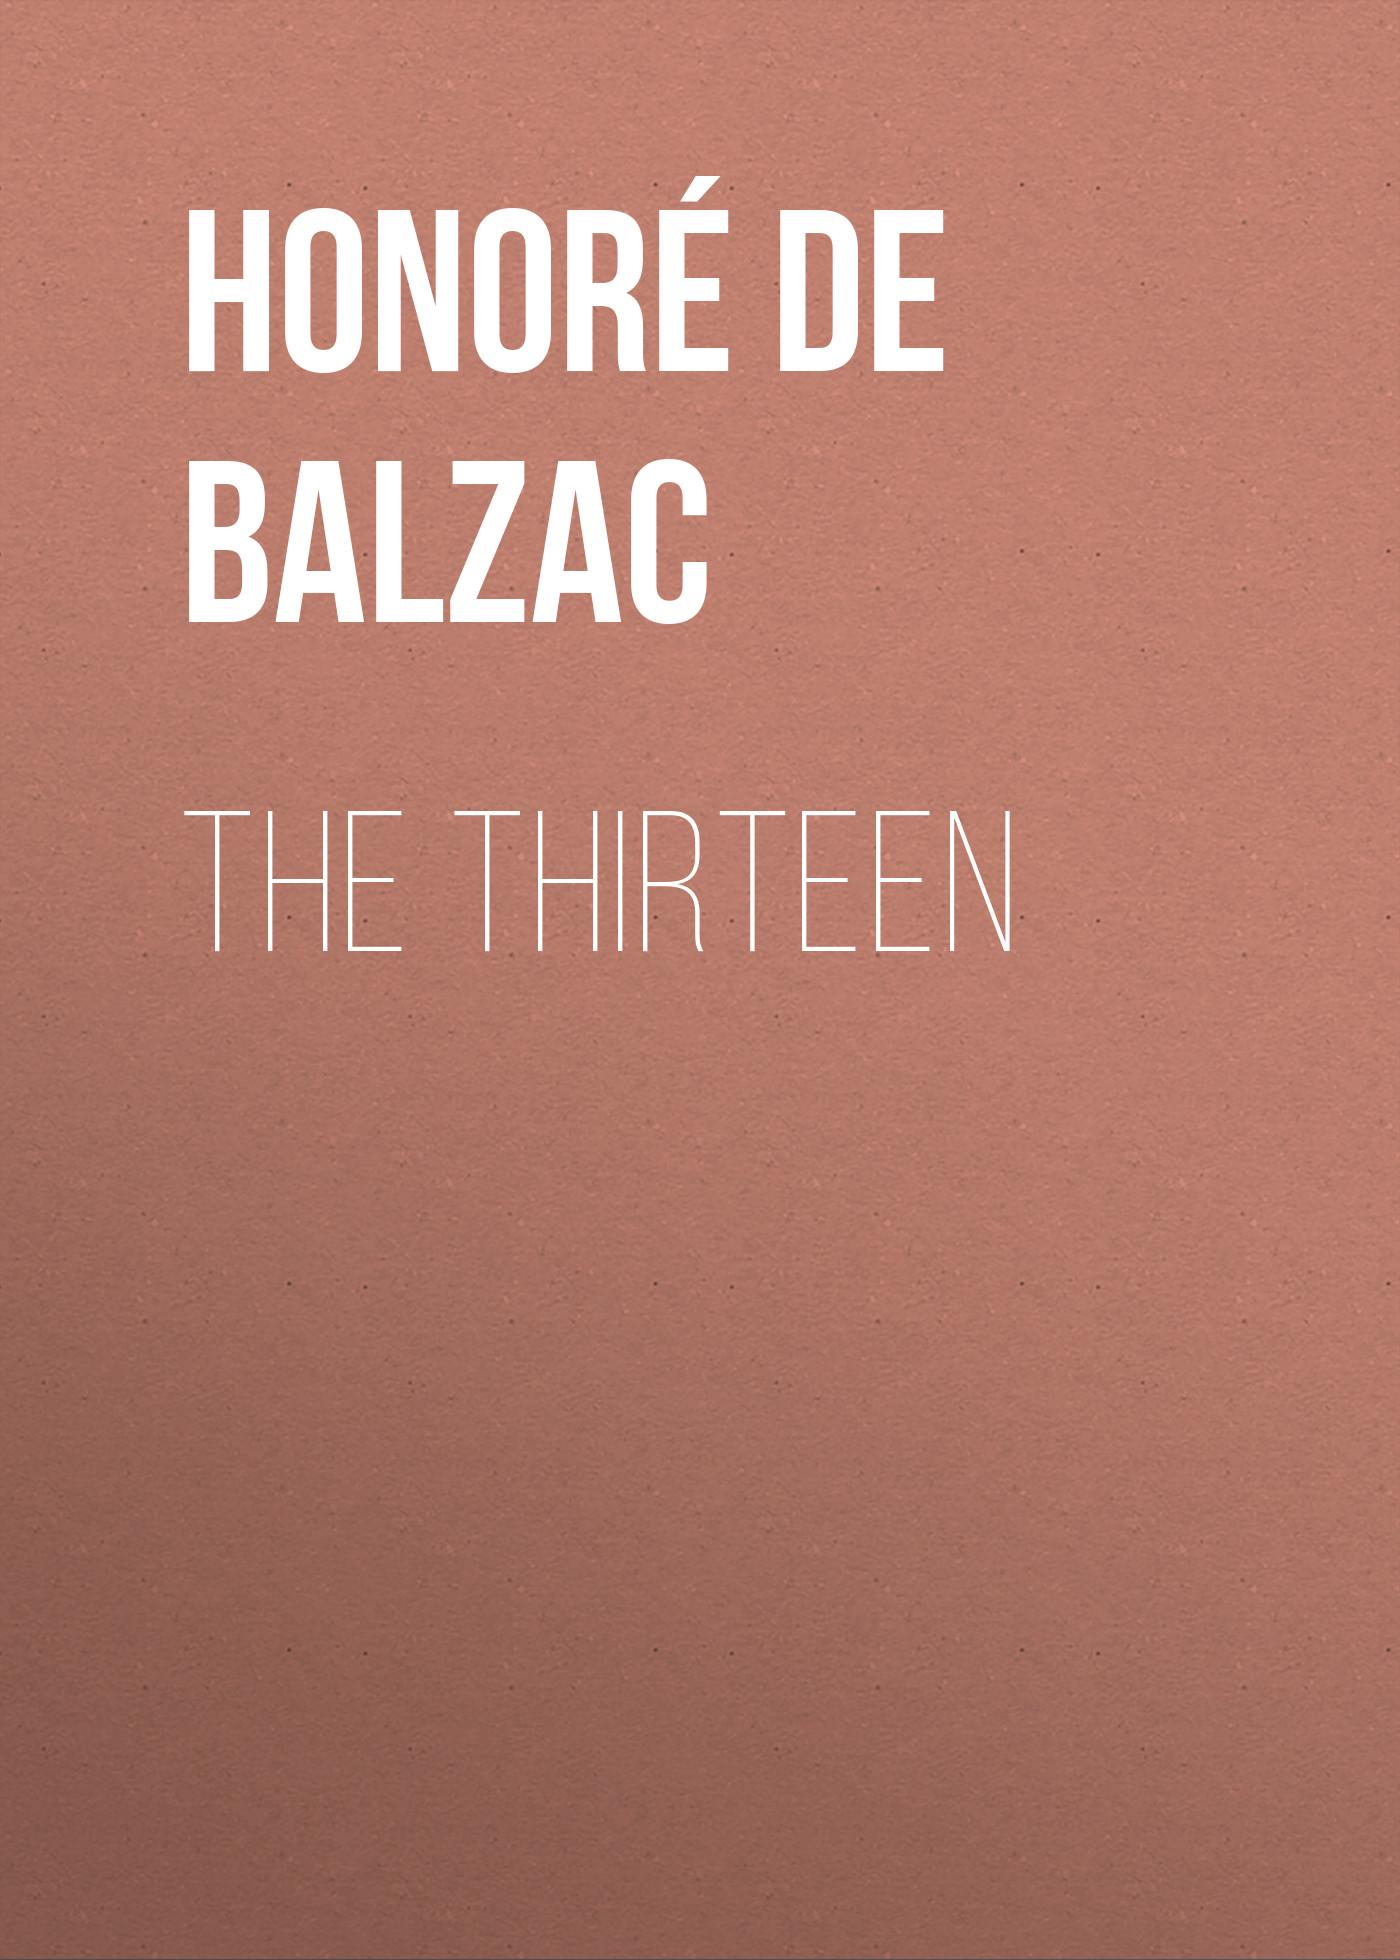 Оноре де Бальзак The Thirteen